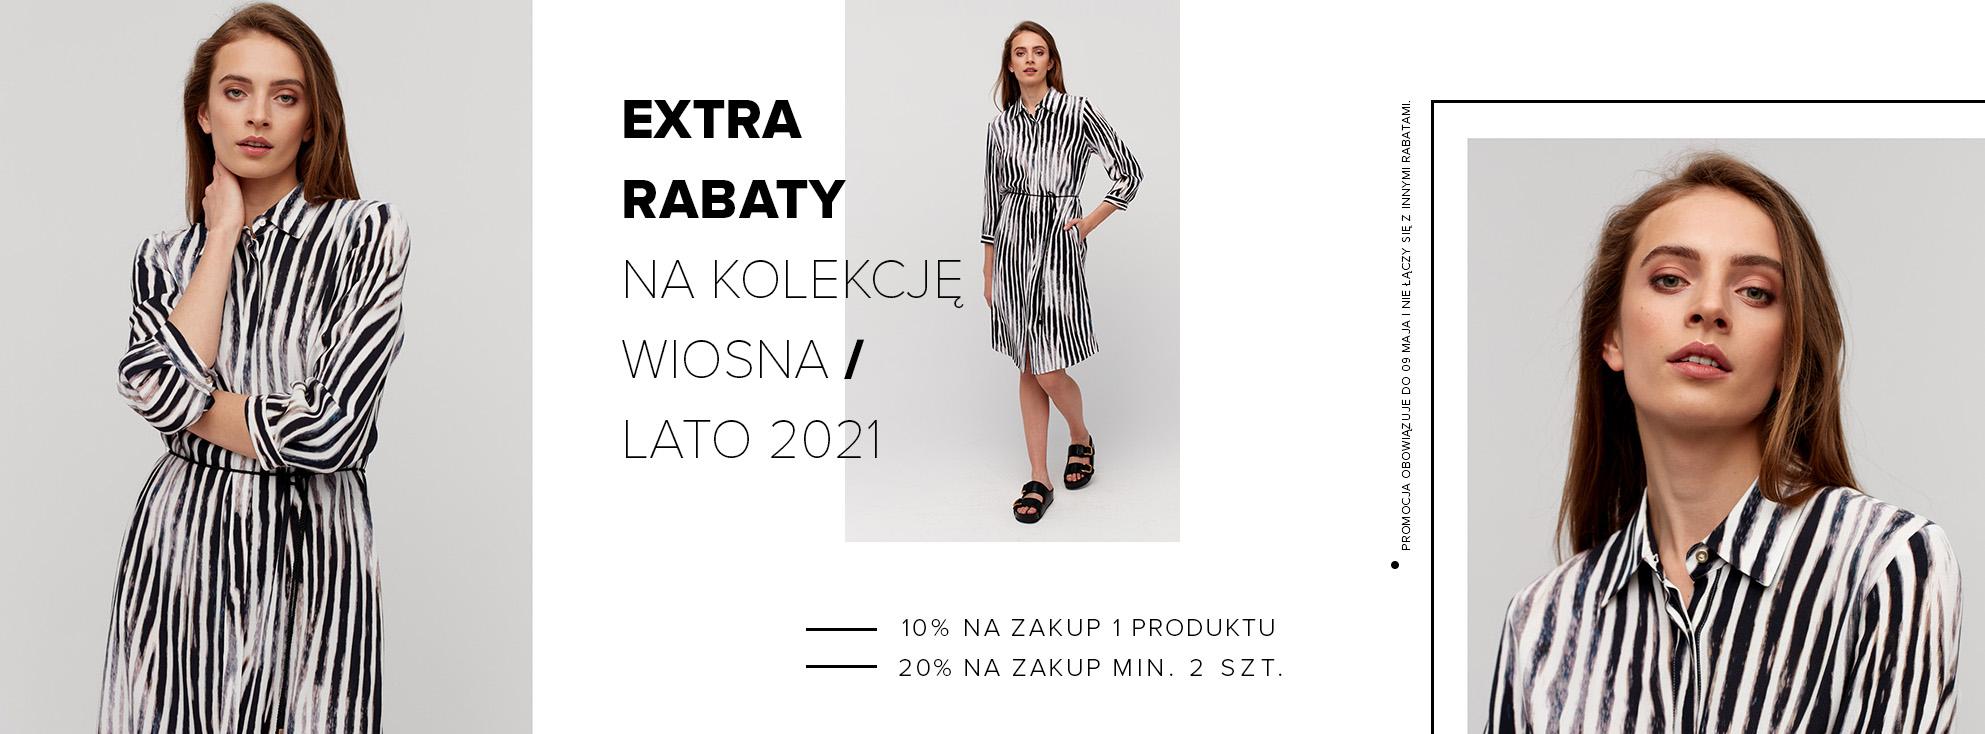 Patrizia Aryton Patrizia Aryton: 20% zniżki na odzież damską przy zakupie min. 2 szt. lub 10% zniżki przy zakupie 1 szt.